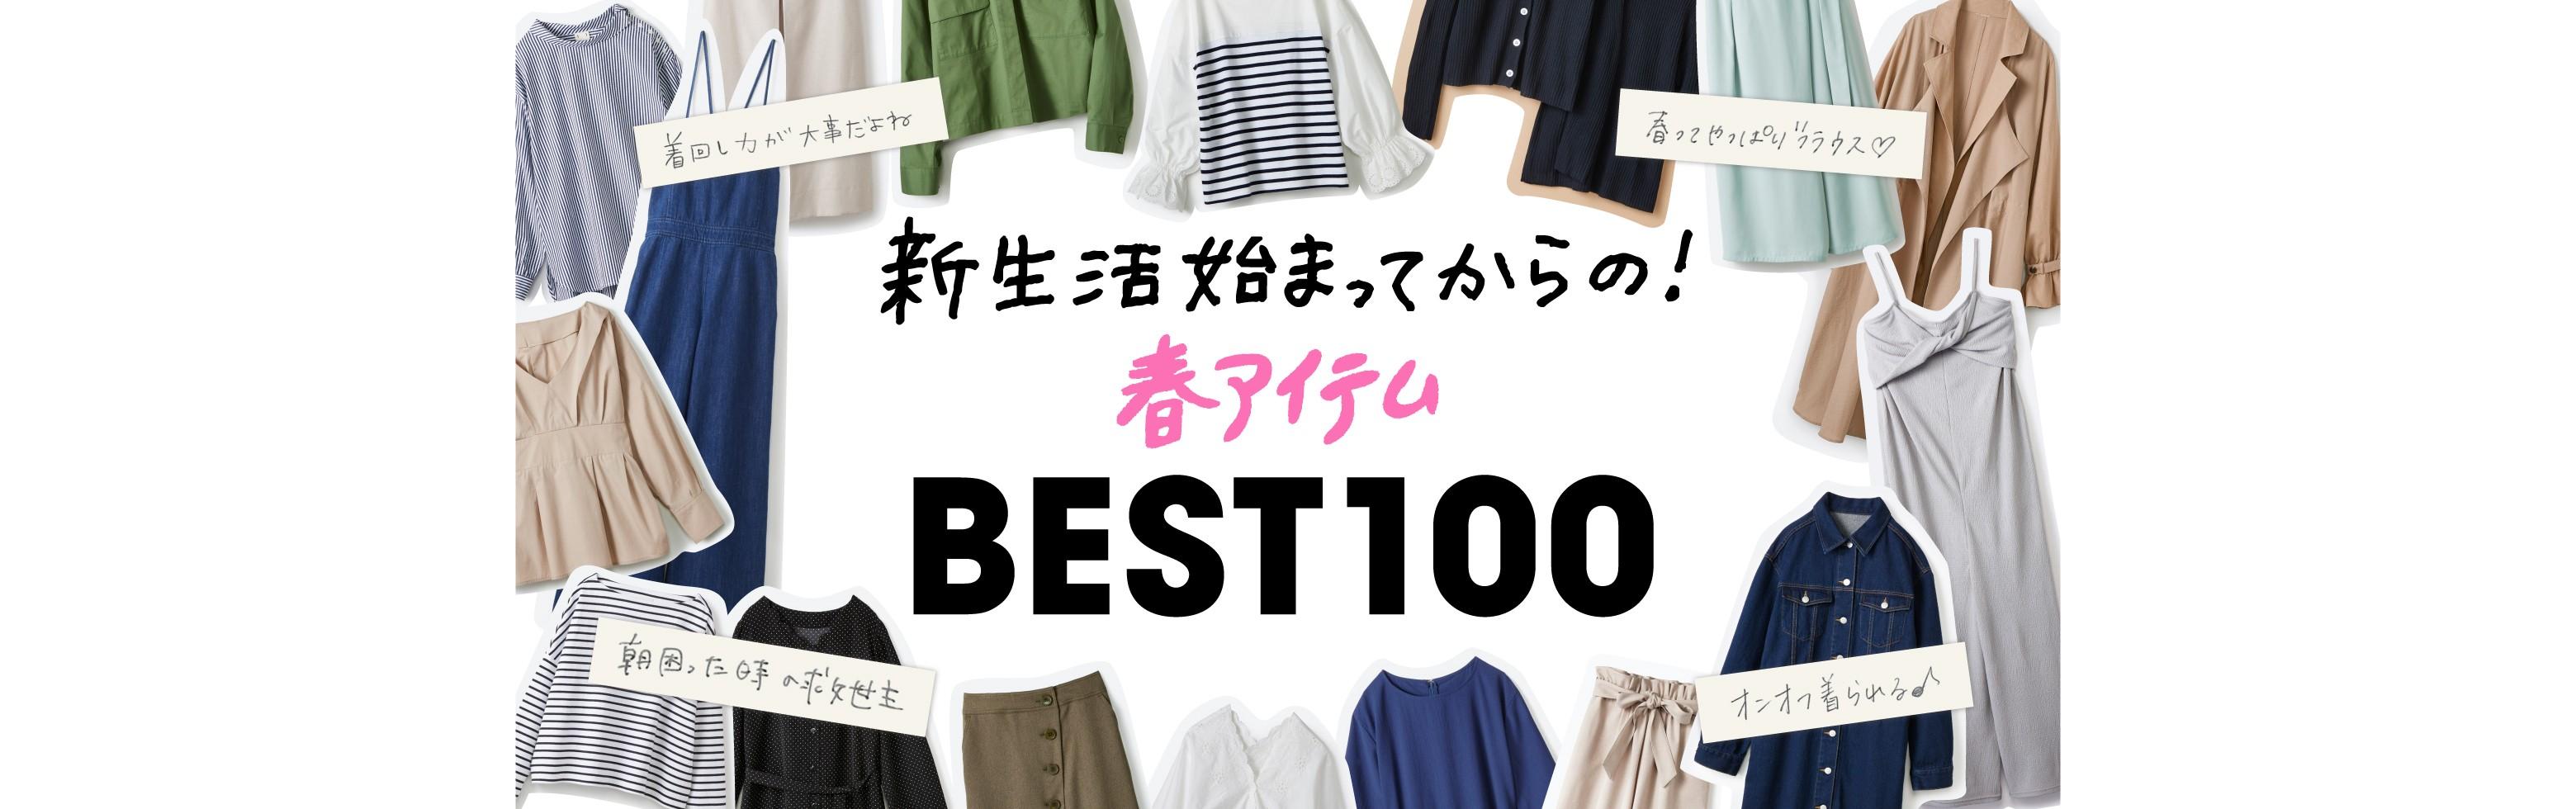 新生活始まってからの!春アイテム\ BEST 100!/